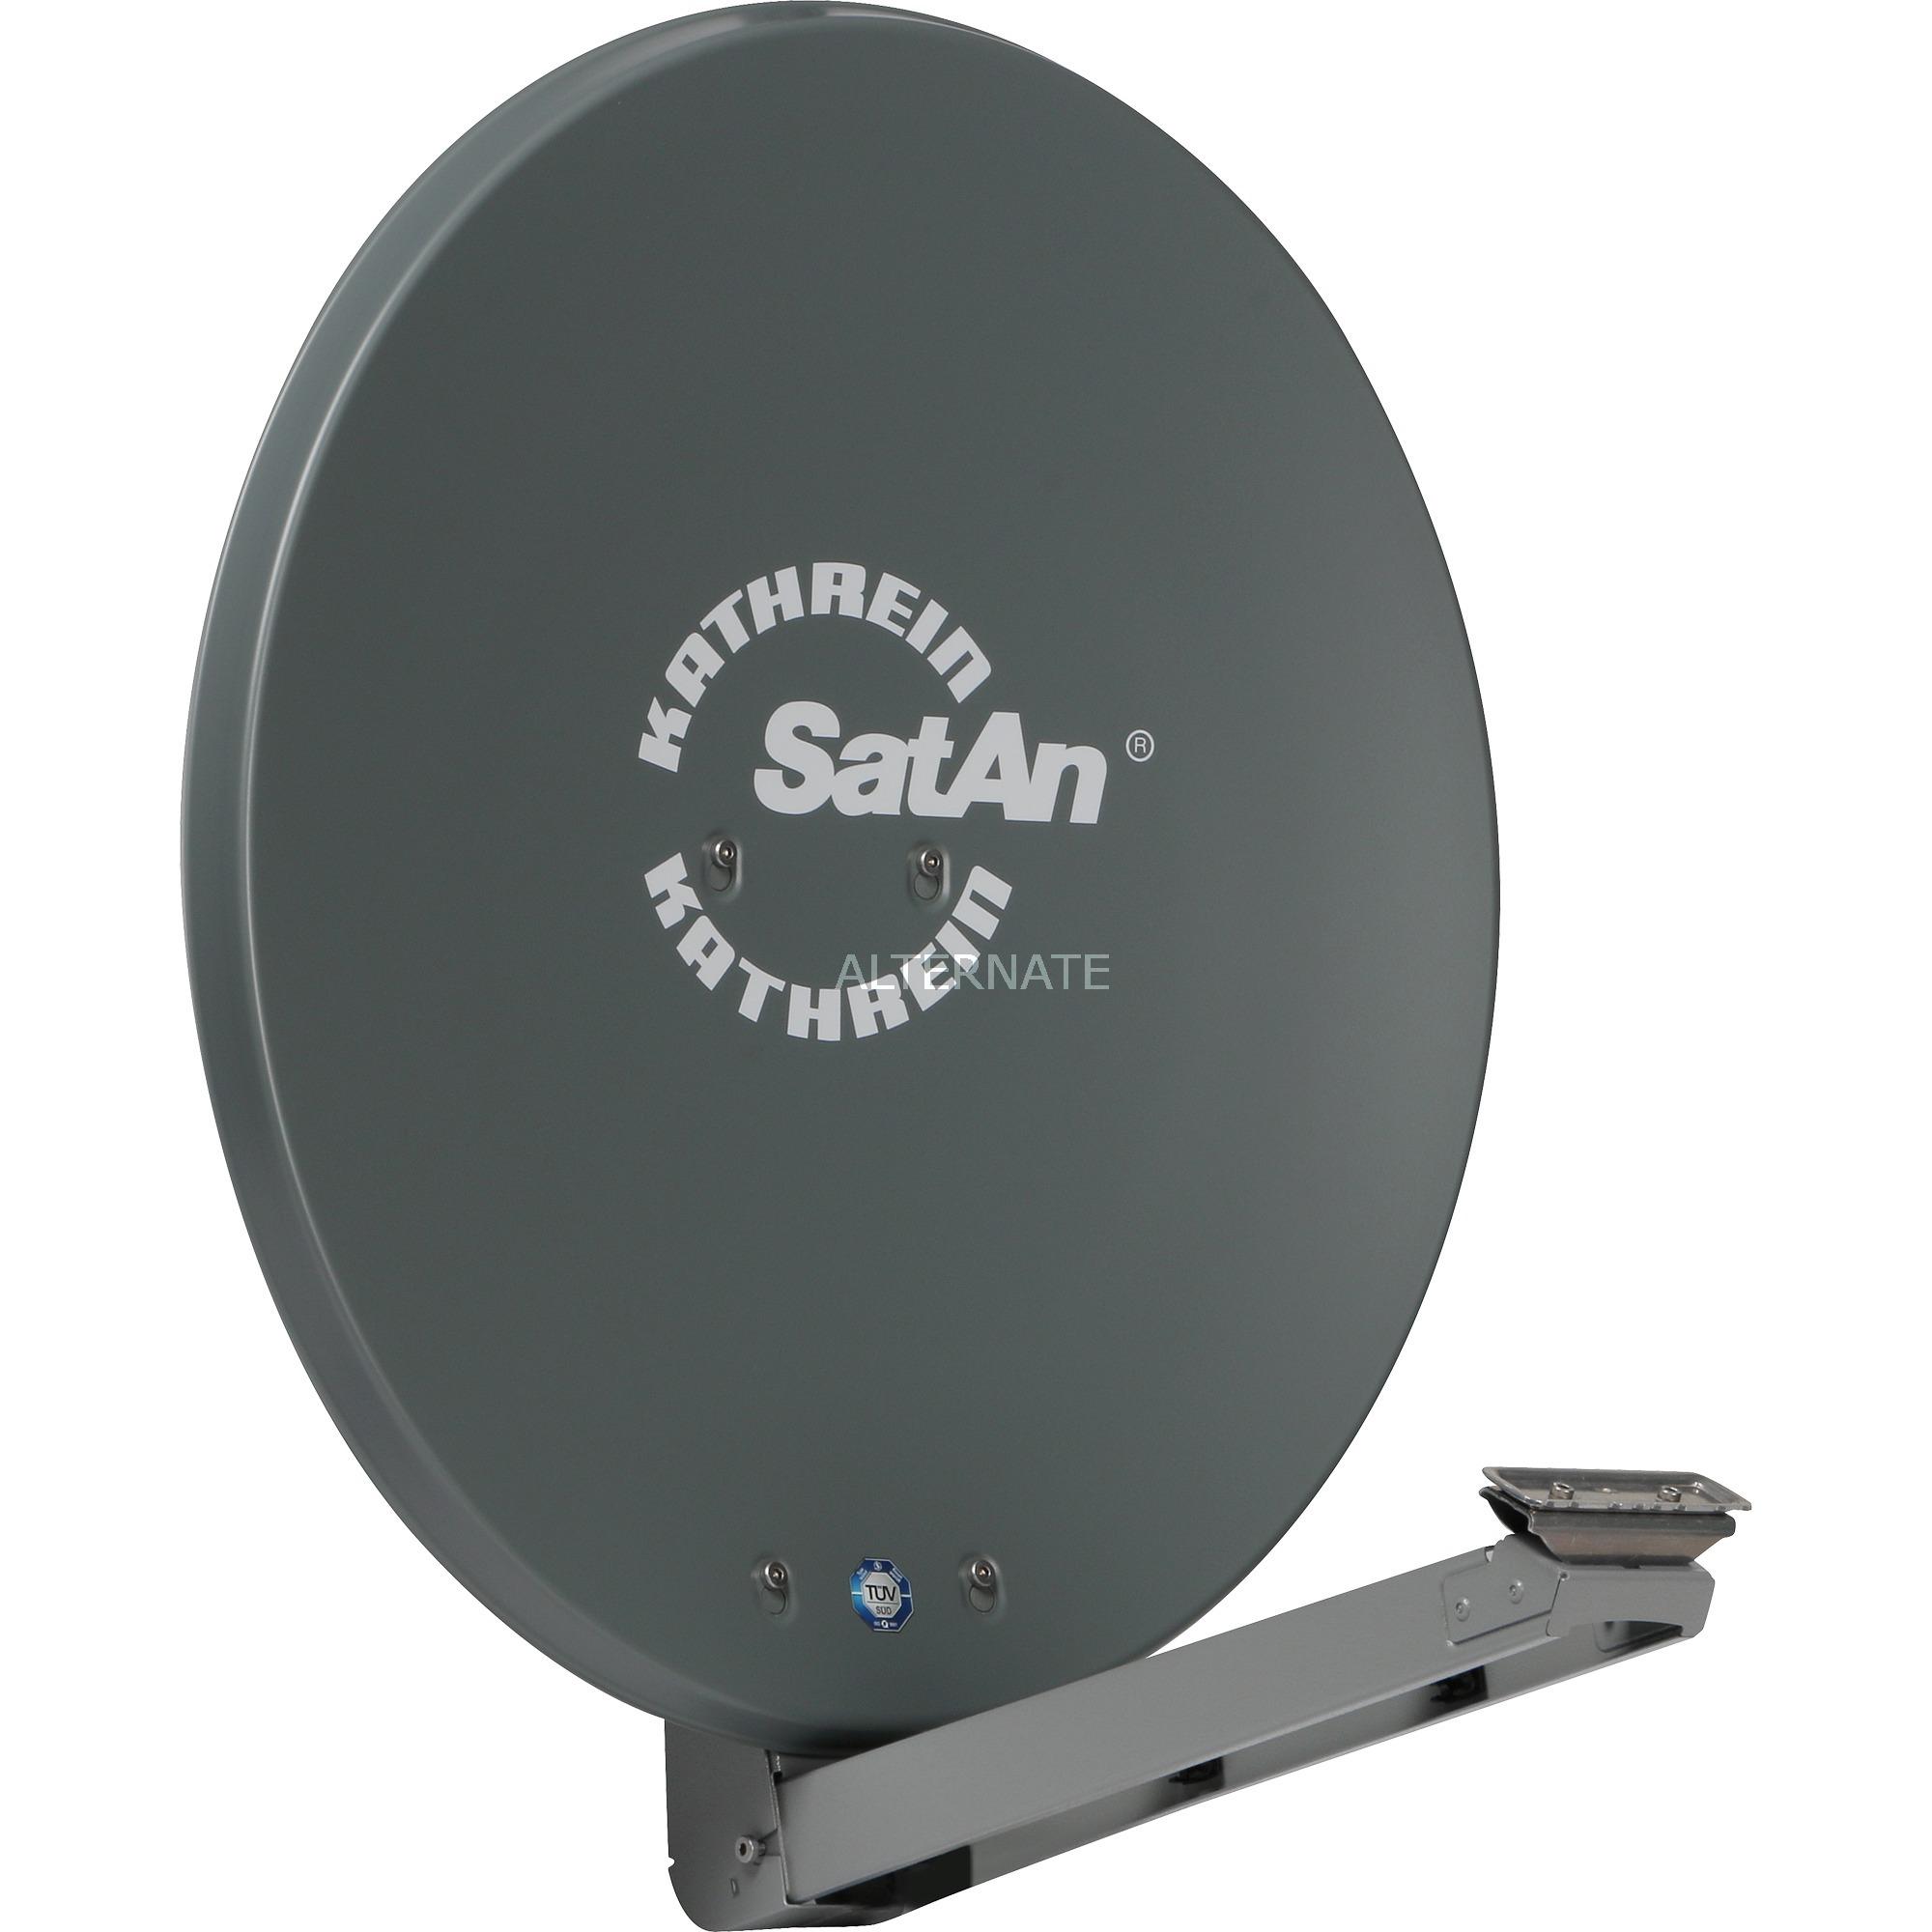 CAS 80gr antena de satélite Grafito, Antena parabólica